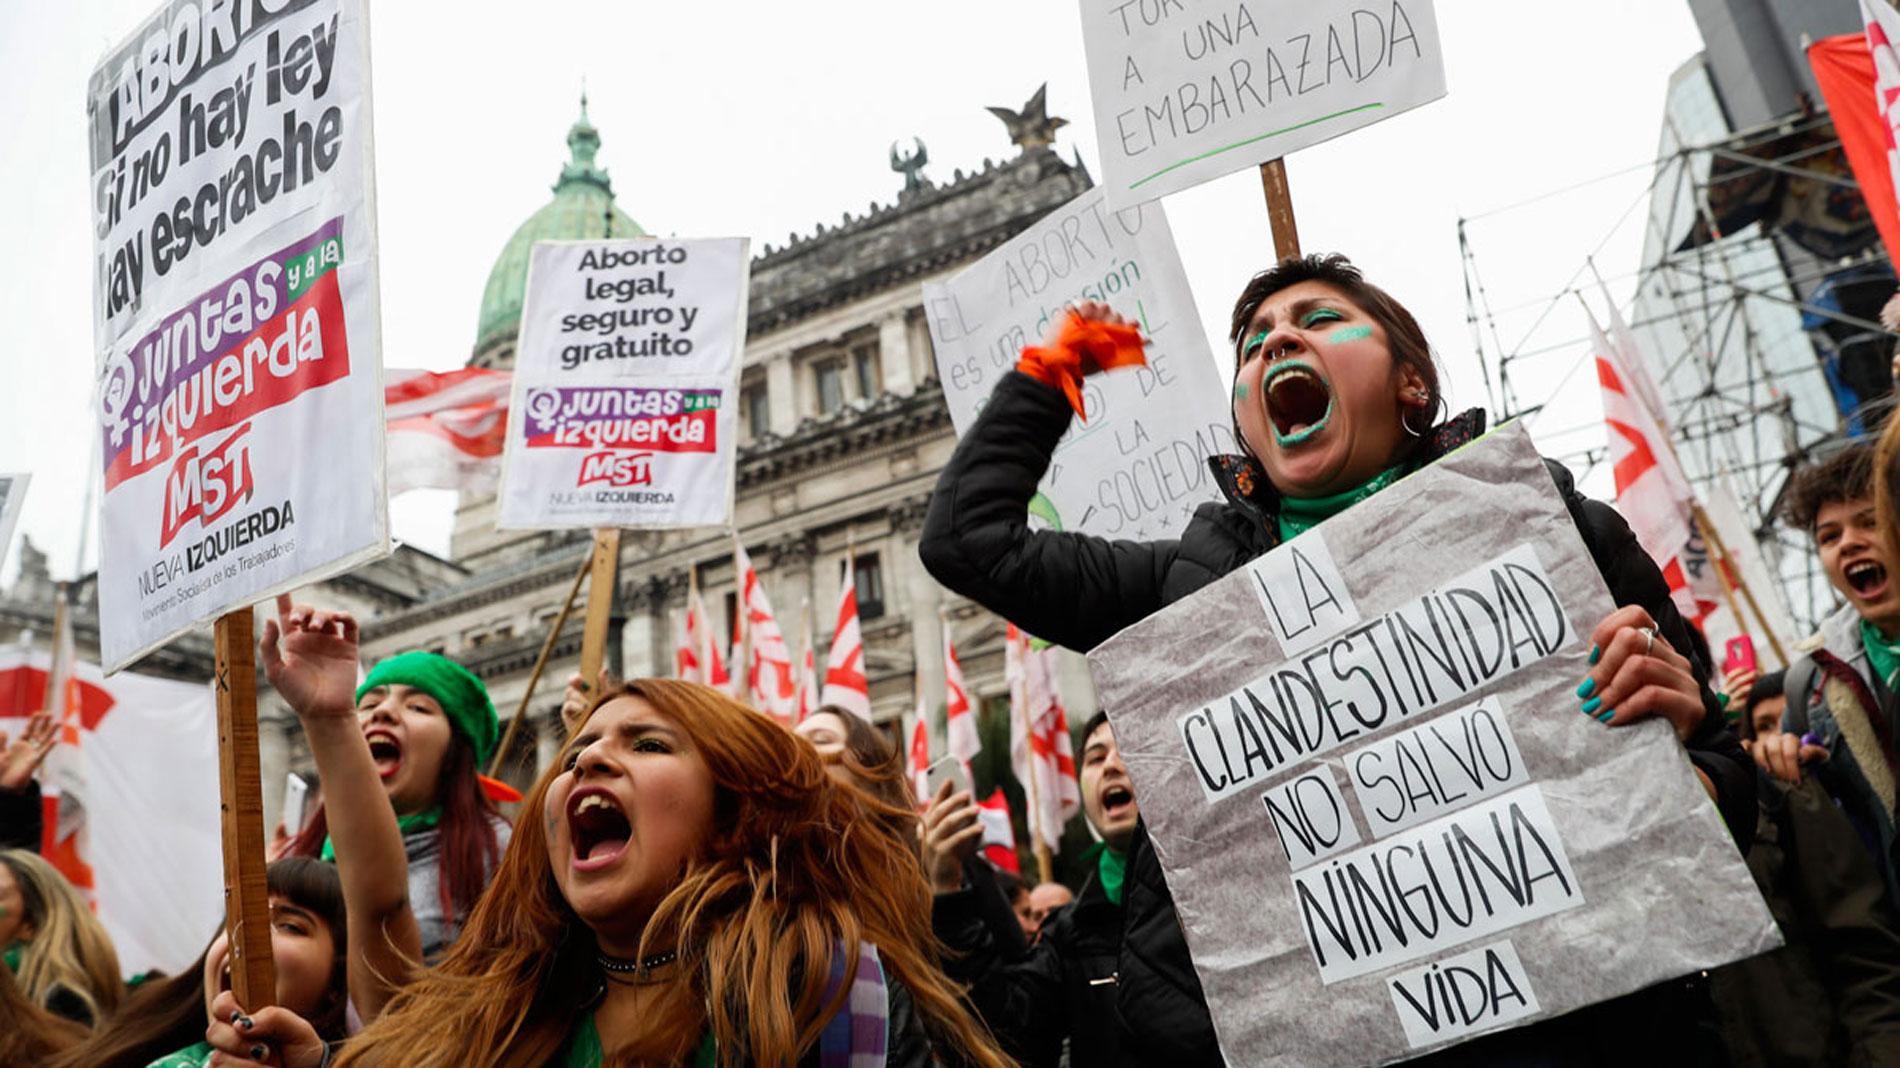 Las mujeres, en primera línea de la lucha por los derechos humanos